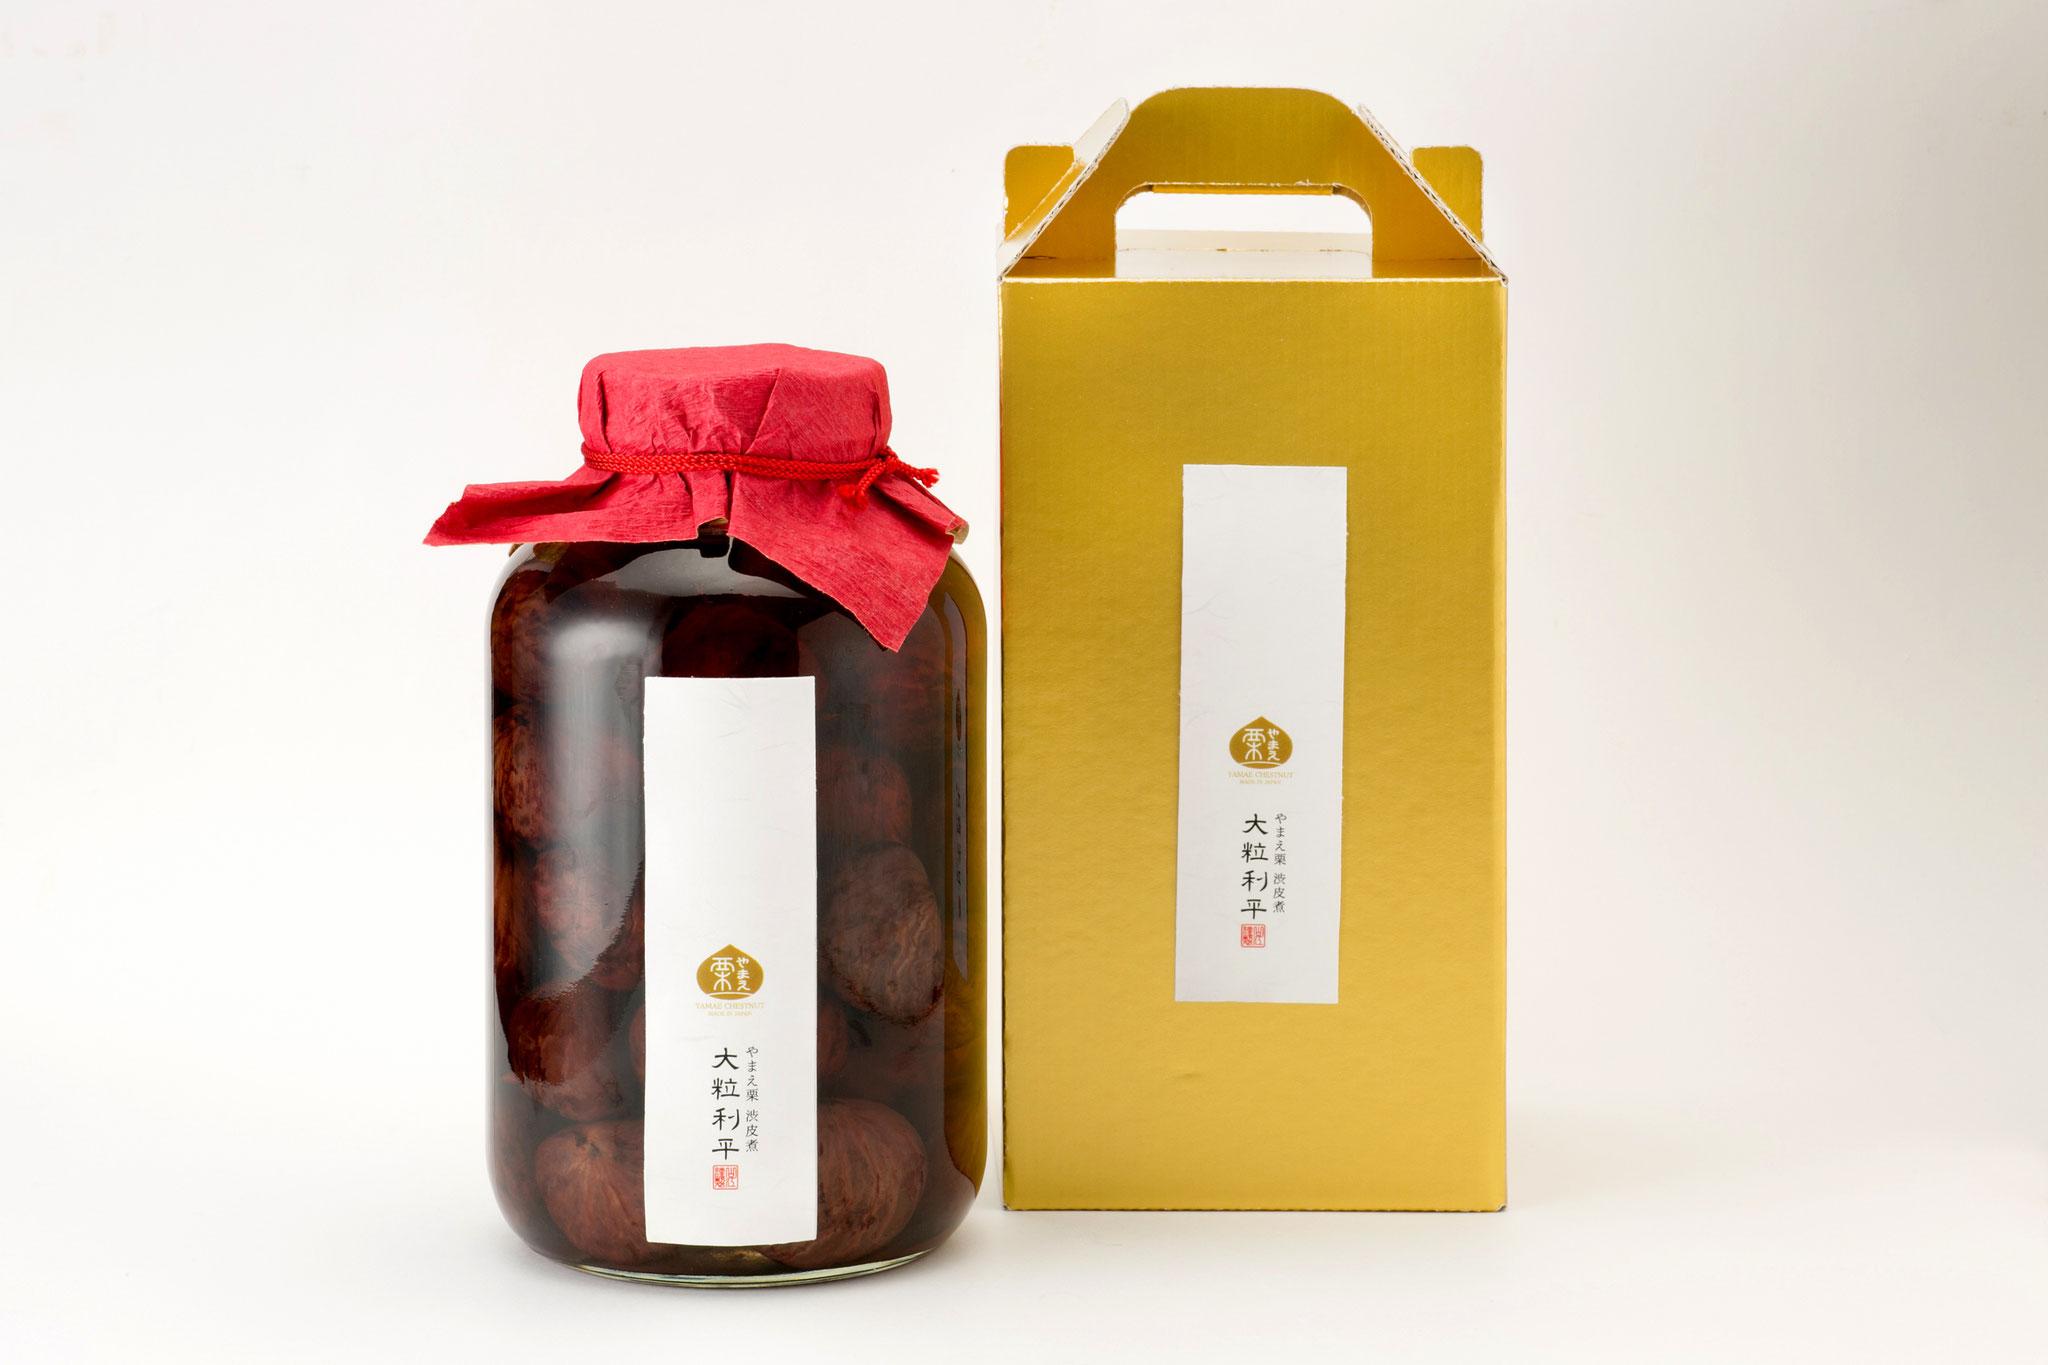 Yamae-Guri Ôtsubu Rihei (le plus grand marron de Yamae cuit aux sucres)